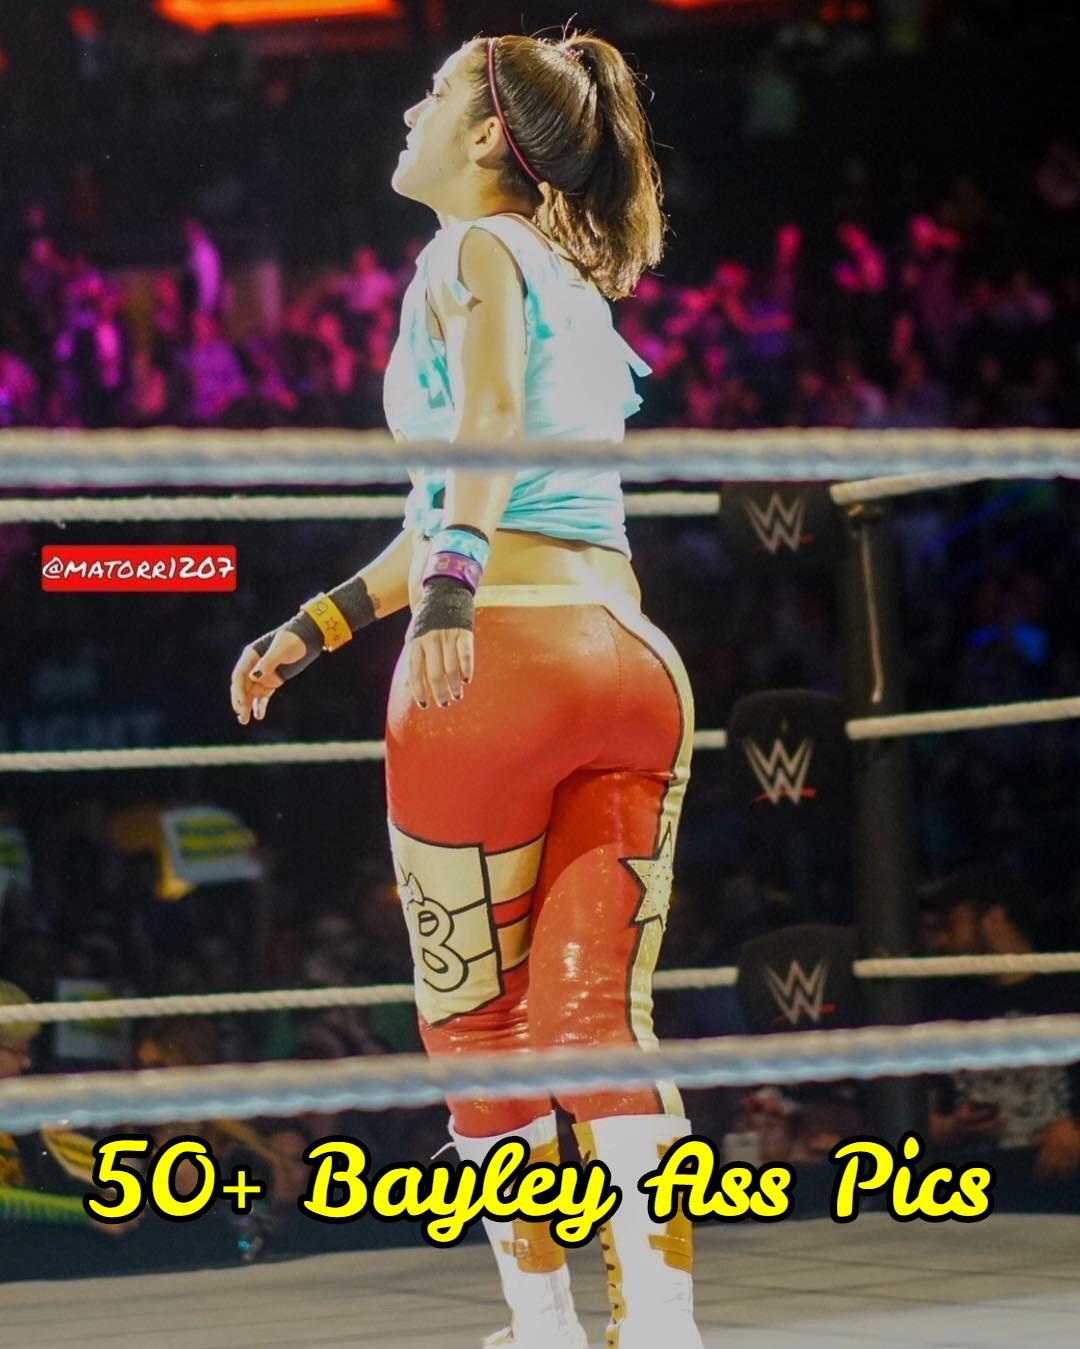 Bayley ass pics